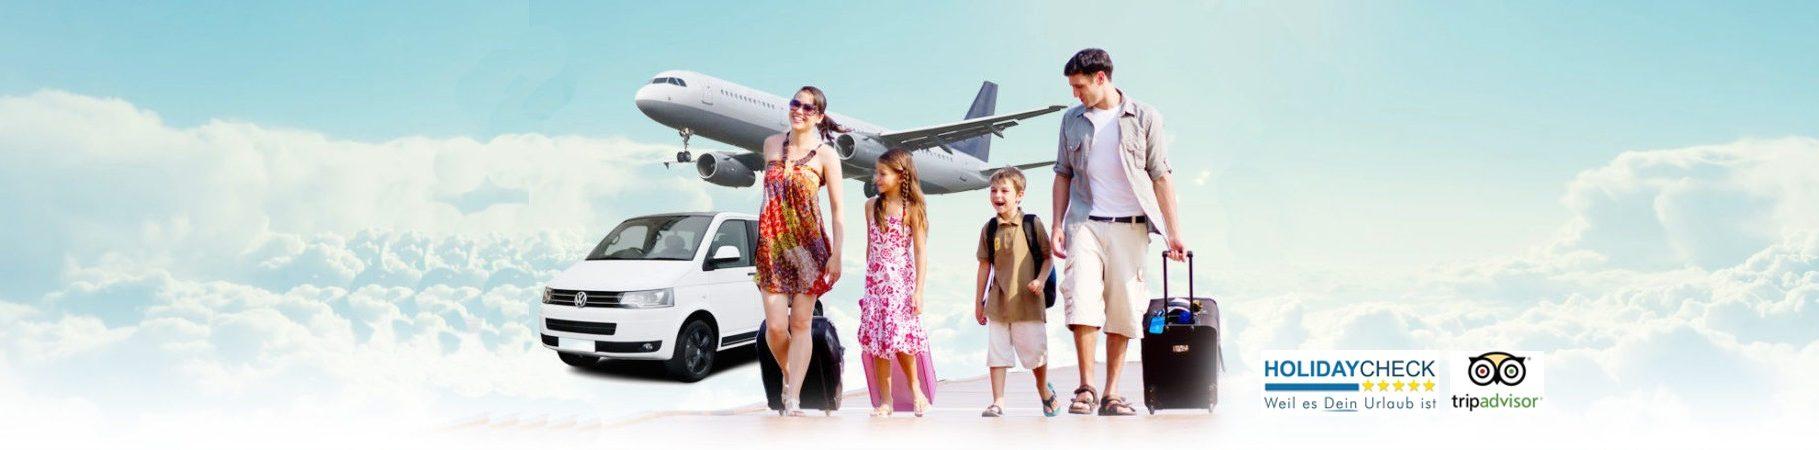 Airport Transfers Antalya, Bodrum, Izmir, Istanbul, Dalaman